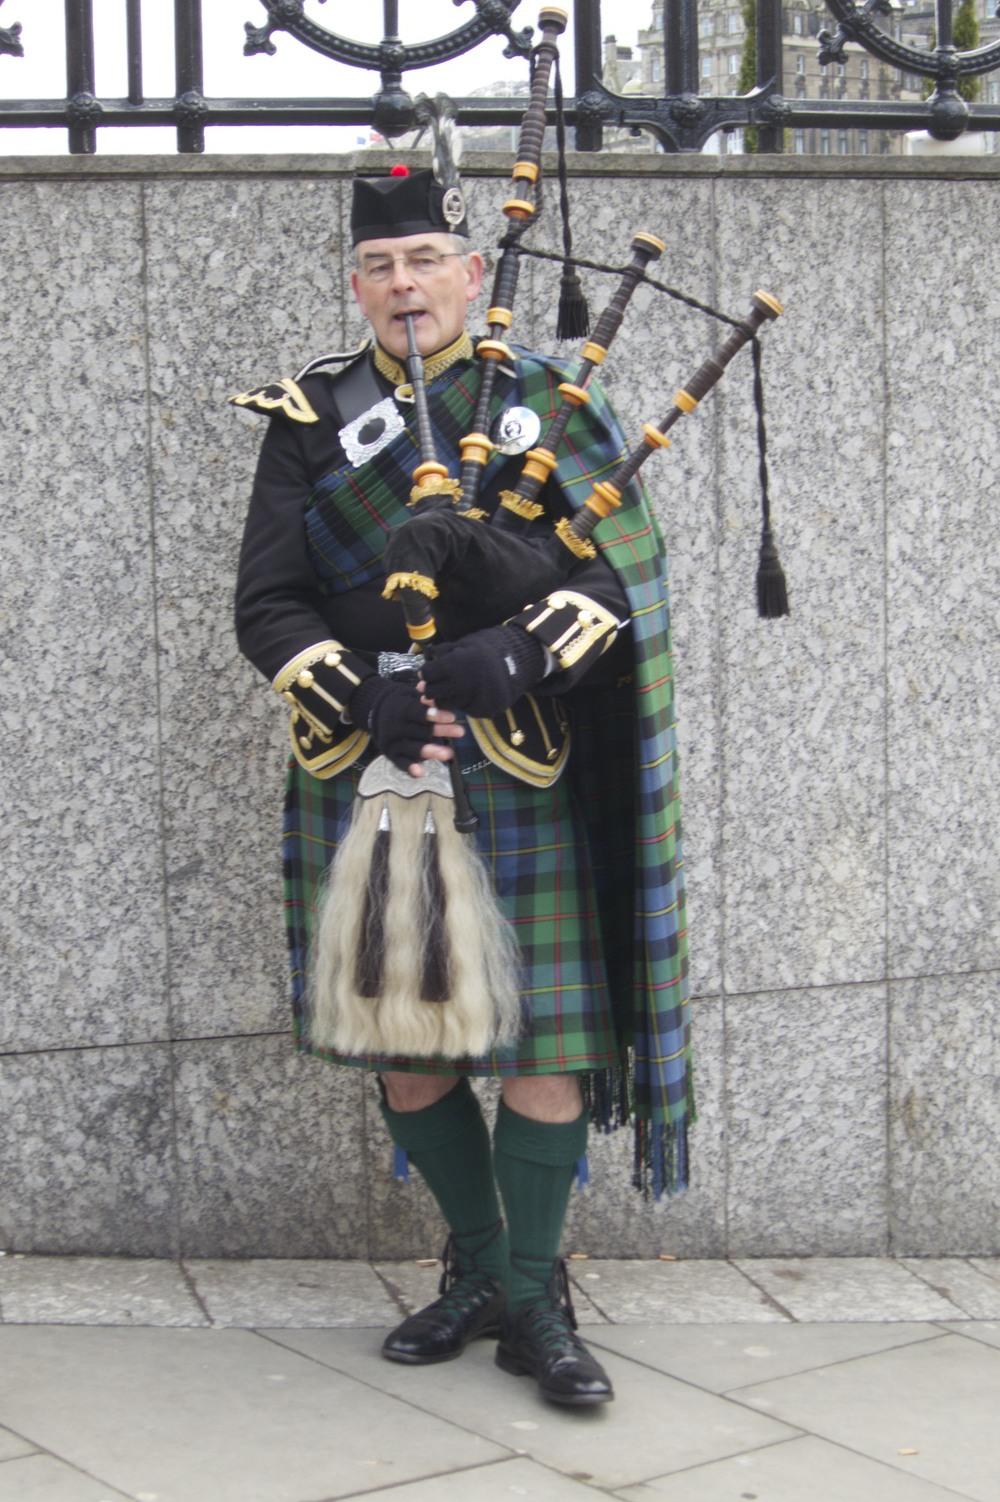 A bagpiper. (Edinburgh, Scotland.)